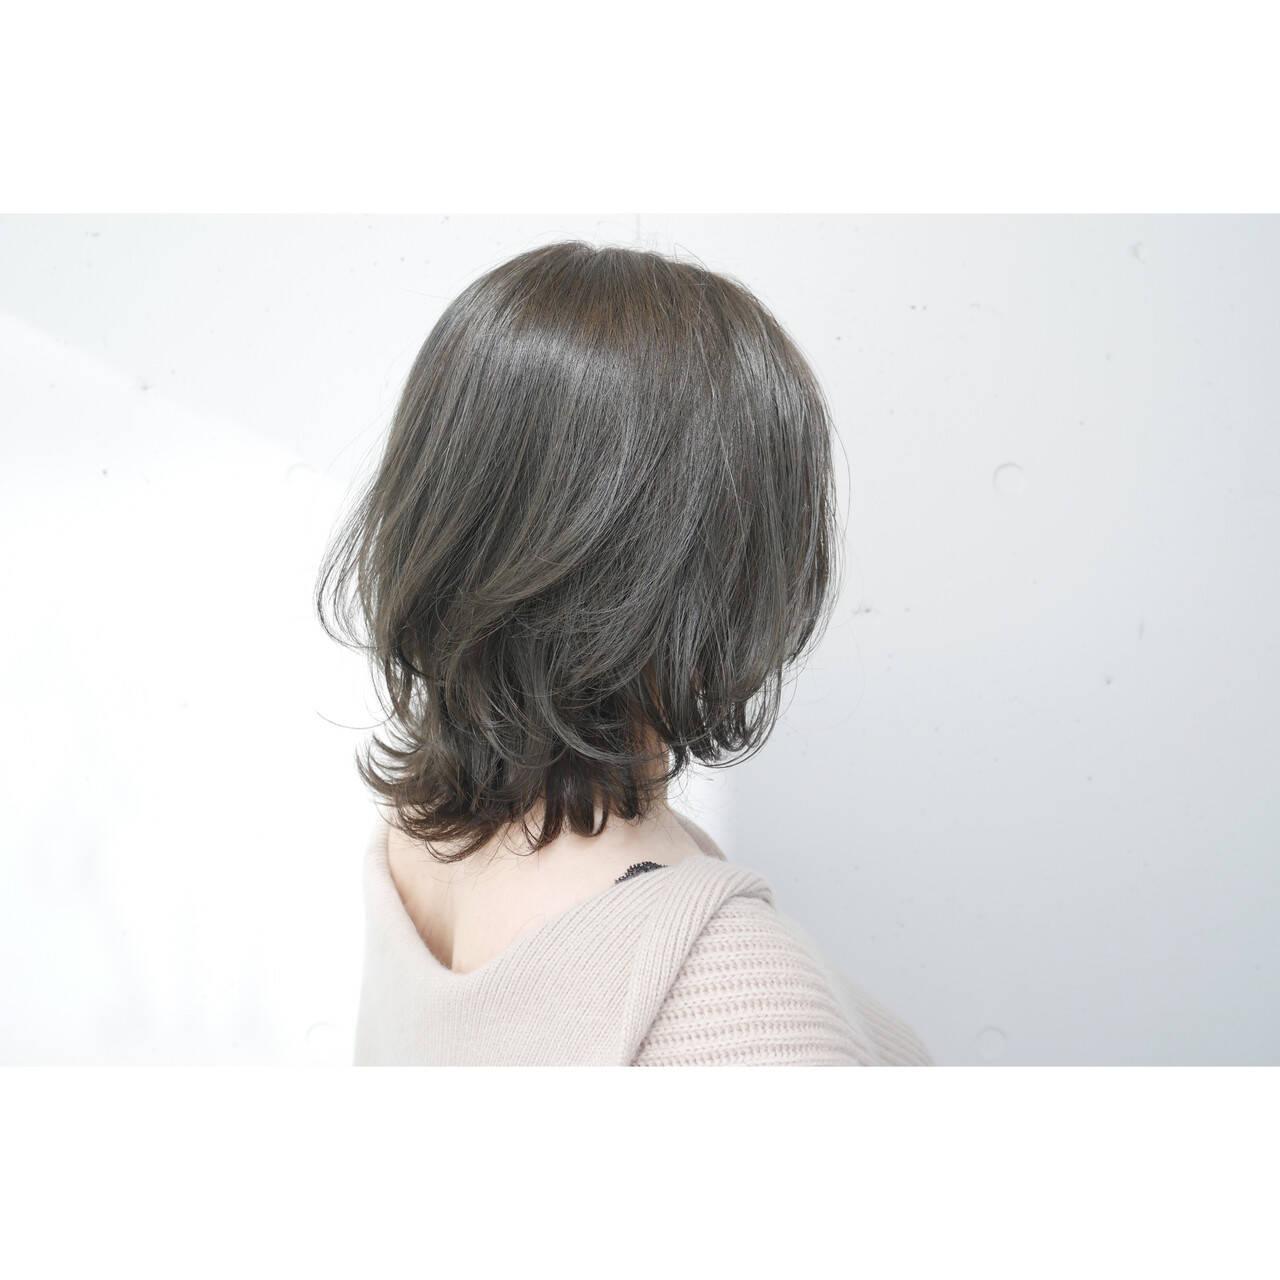 ナチュラル ウルフカット ミディアム グレージュヘアスタイルや髪型の写真・画像